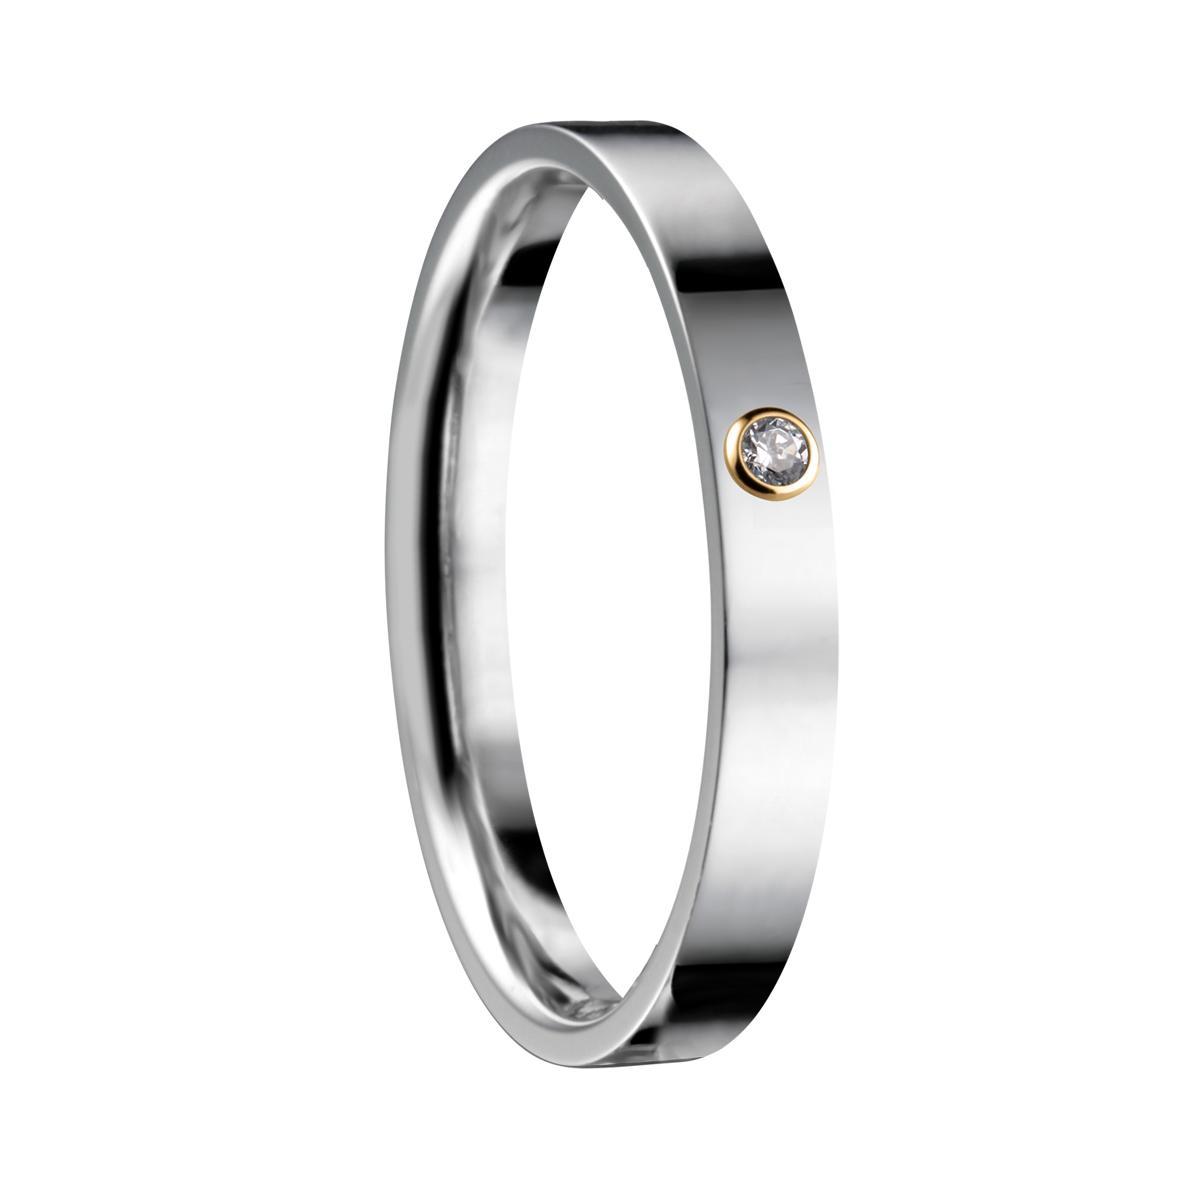 Bering Inner Ring 5532761 1